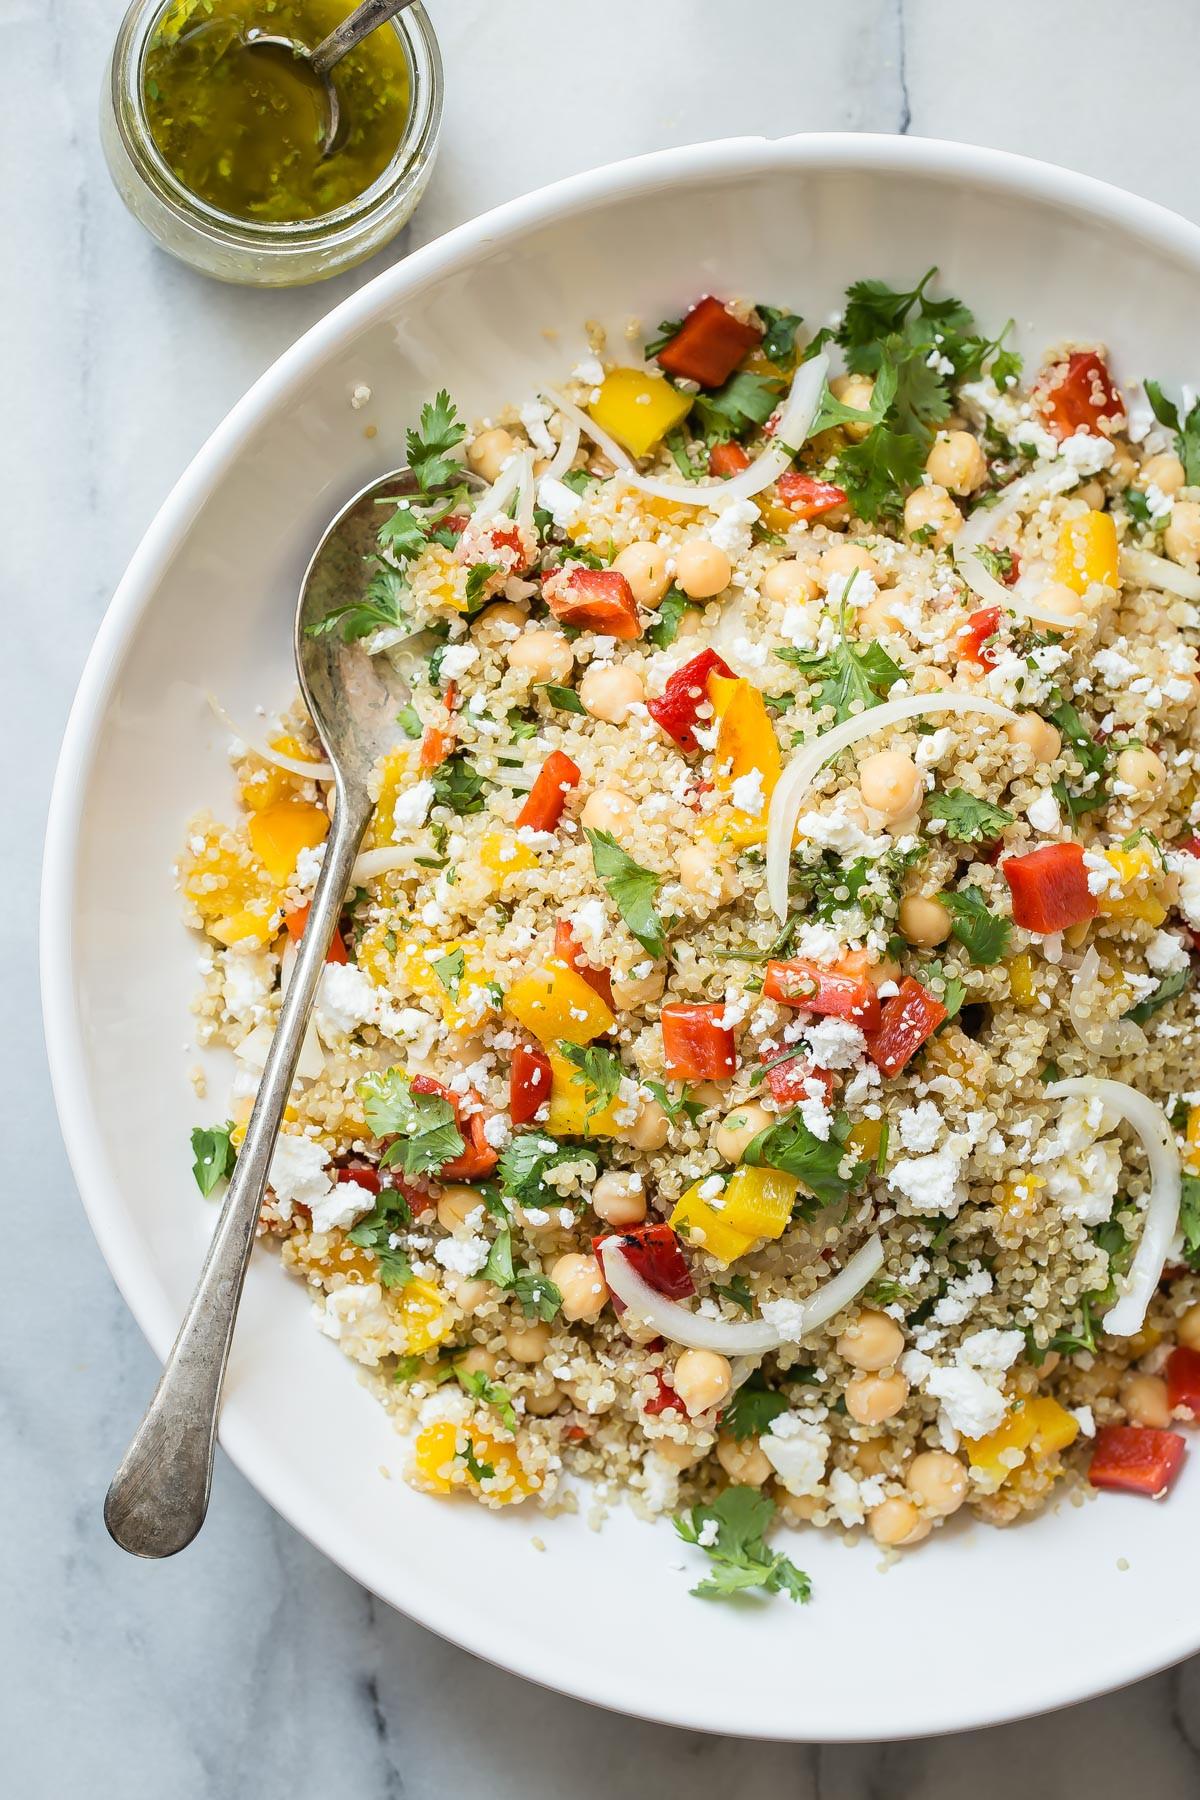 Quinoa Salad Recipes Healthy  Healthy Quinoa Salad with Feta Cheese